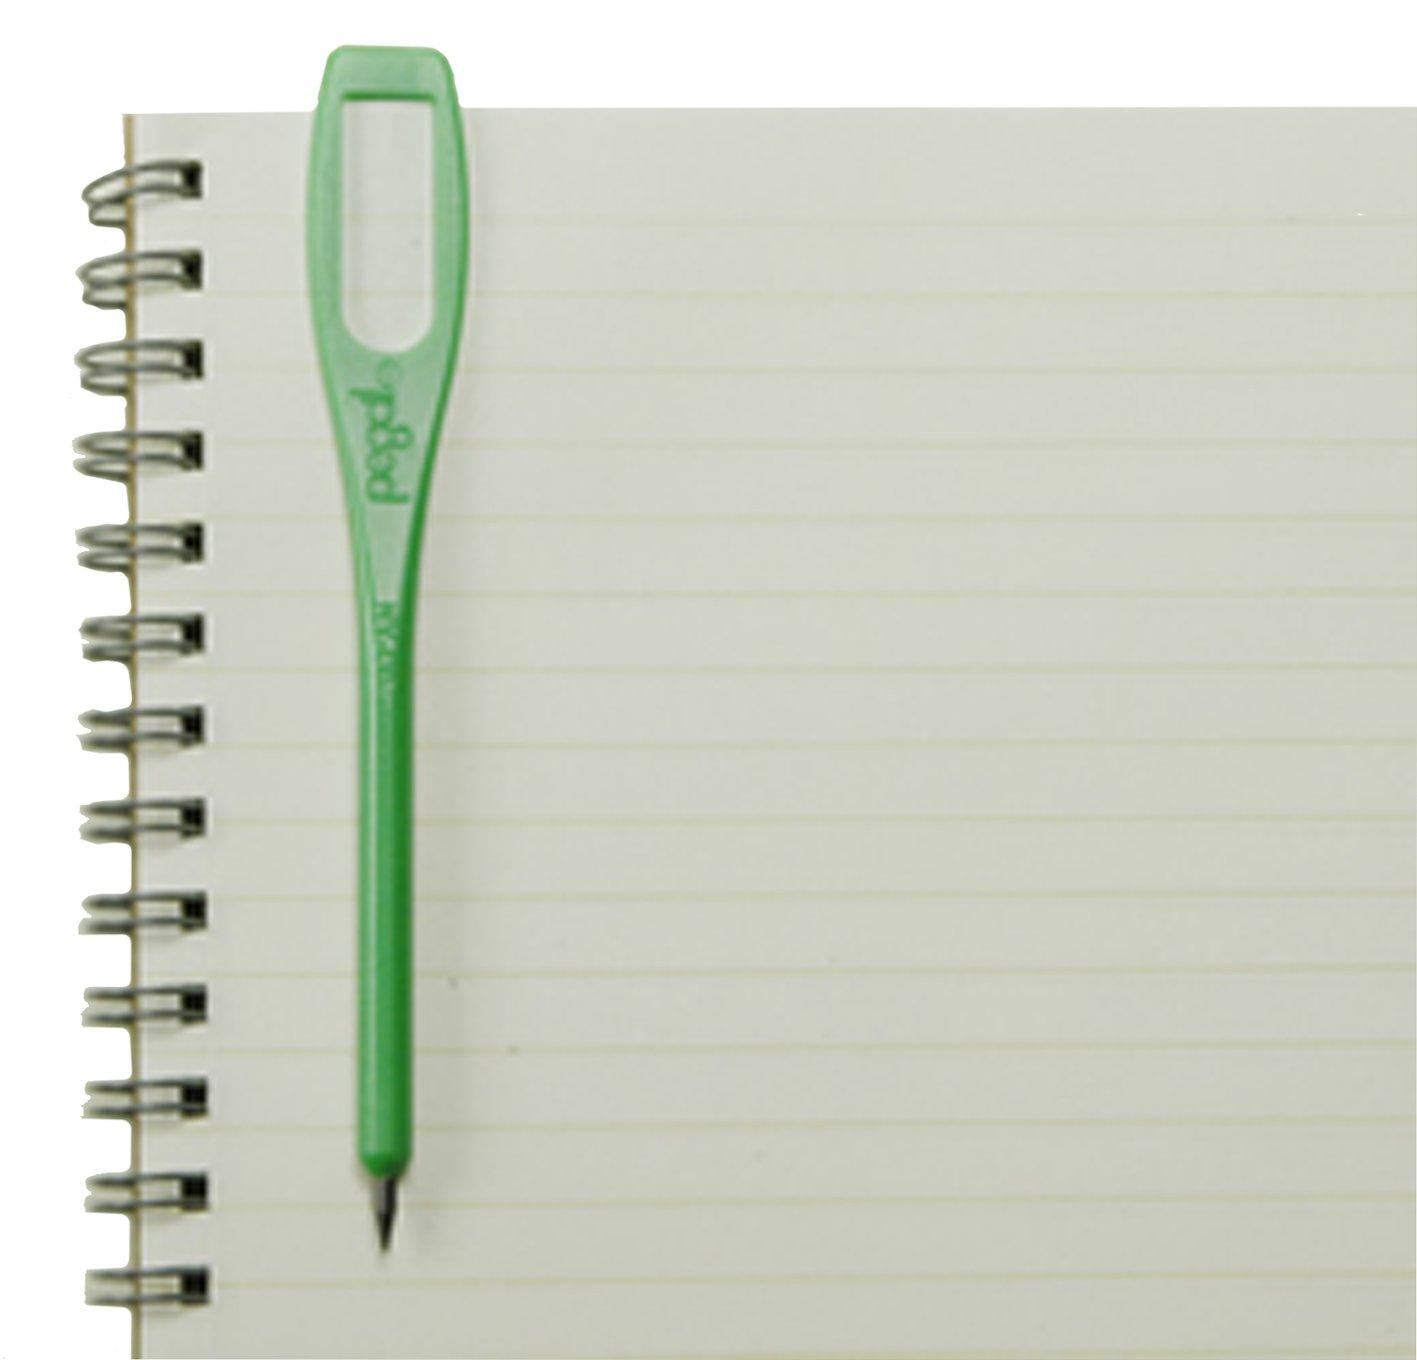 Lite Clip Pencil Pegcil 1000 (Green) by Pegcil (Image #3)